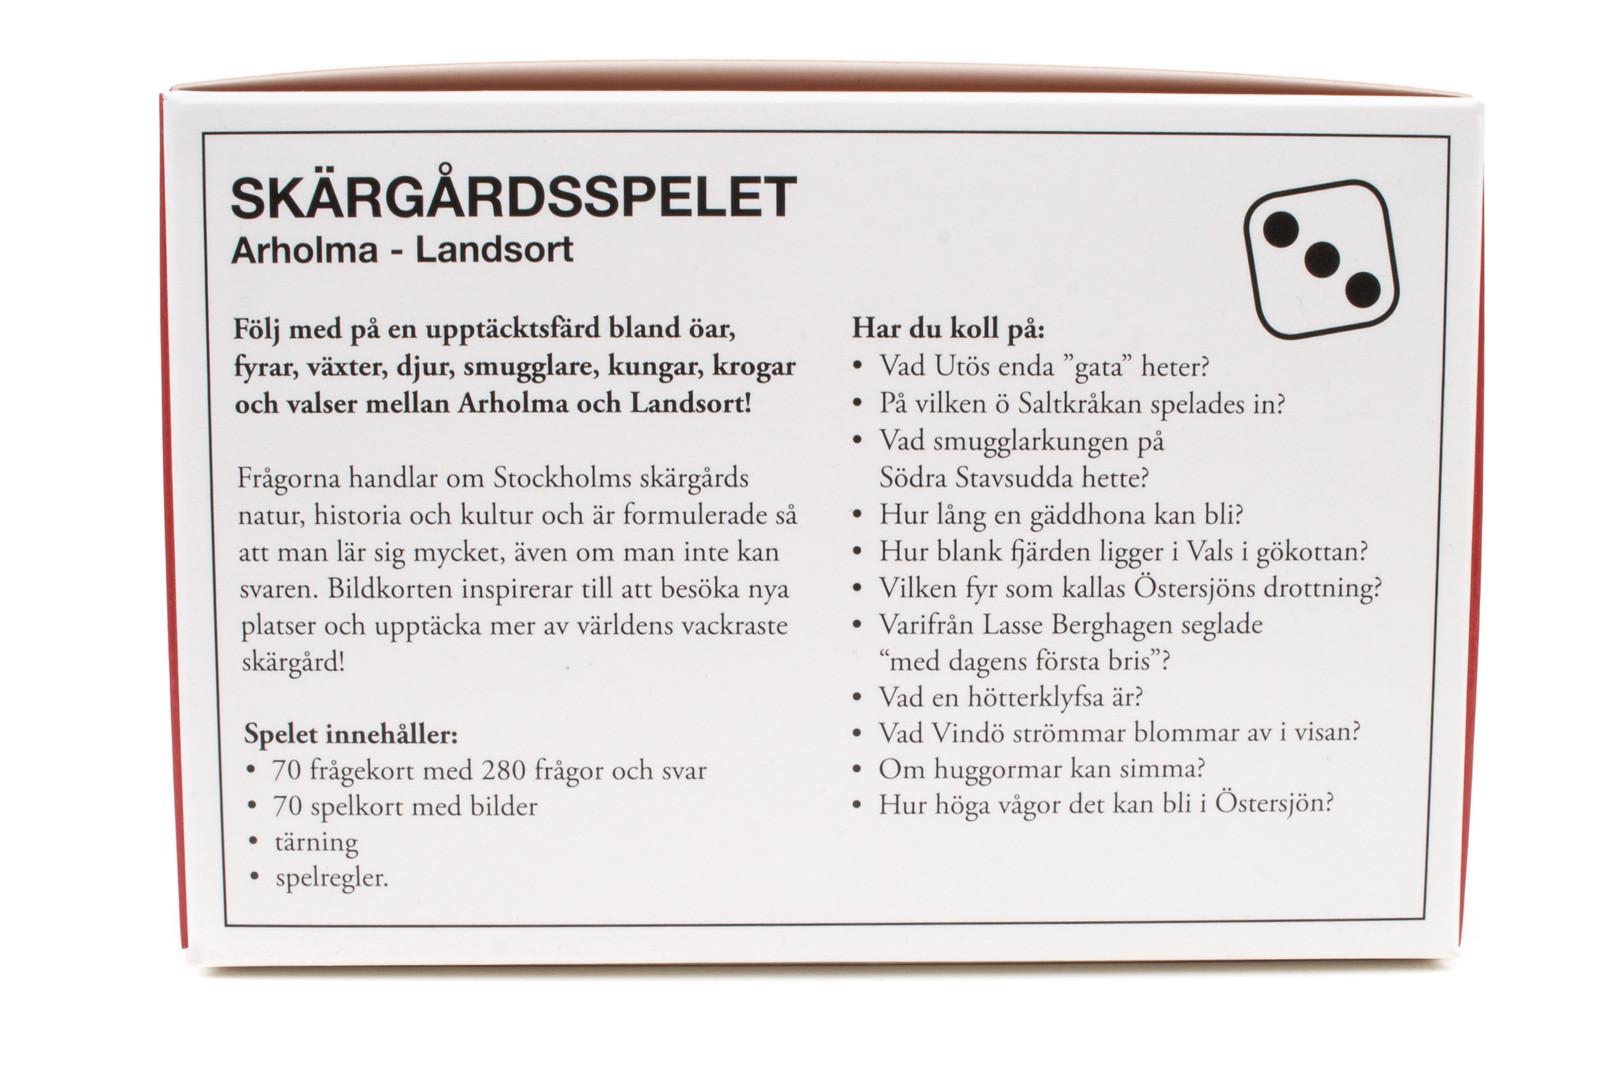 Skärgårdsspelet_5.jpg